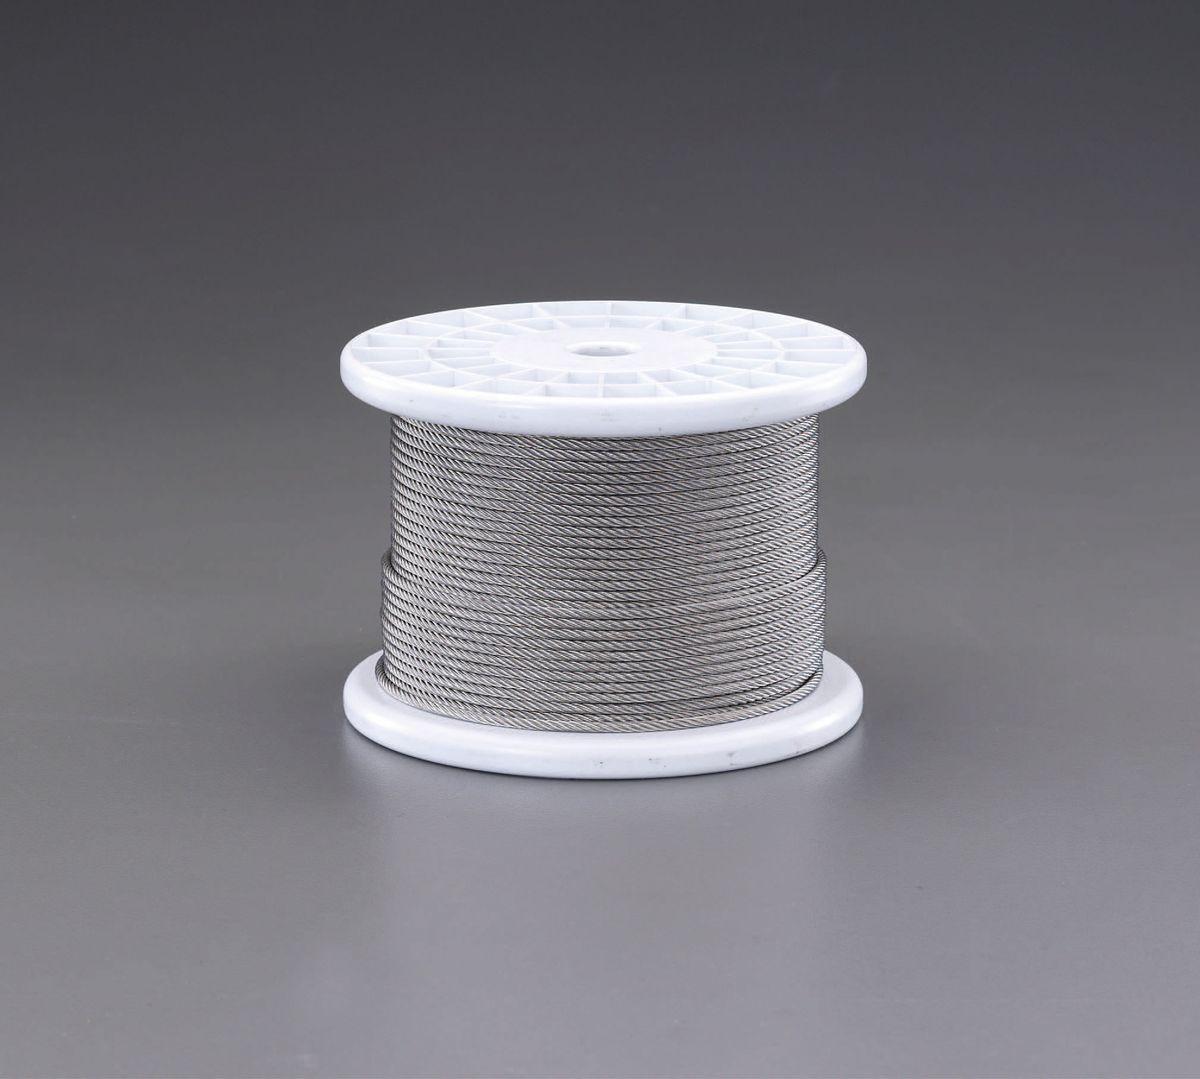 【メーカー在庫あり】 エスコ ESCO 10.0mmx100m/7x19 ワイヤーロープ(ステンレス製) 000012239011 JP店